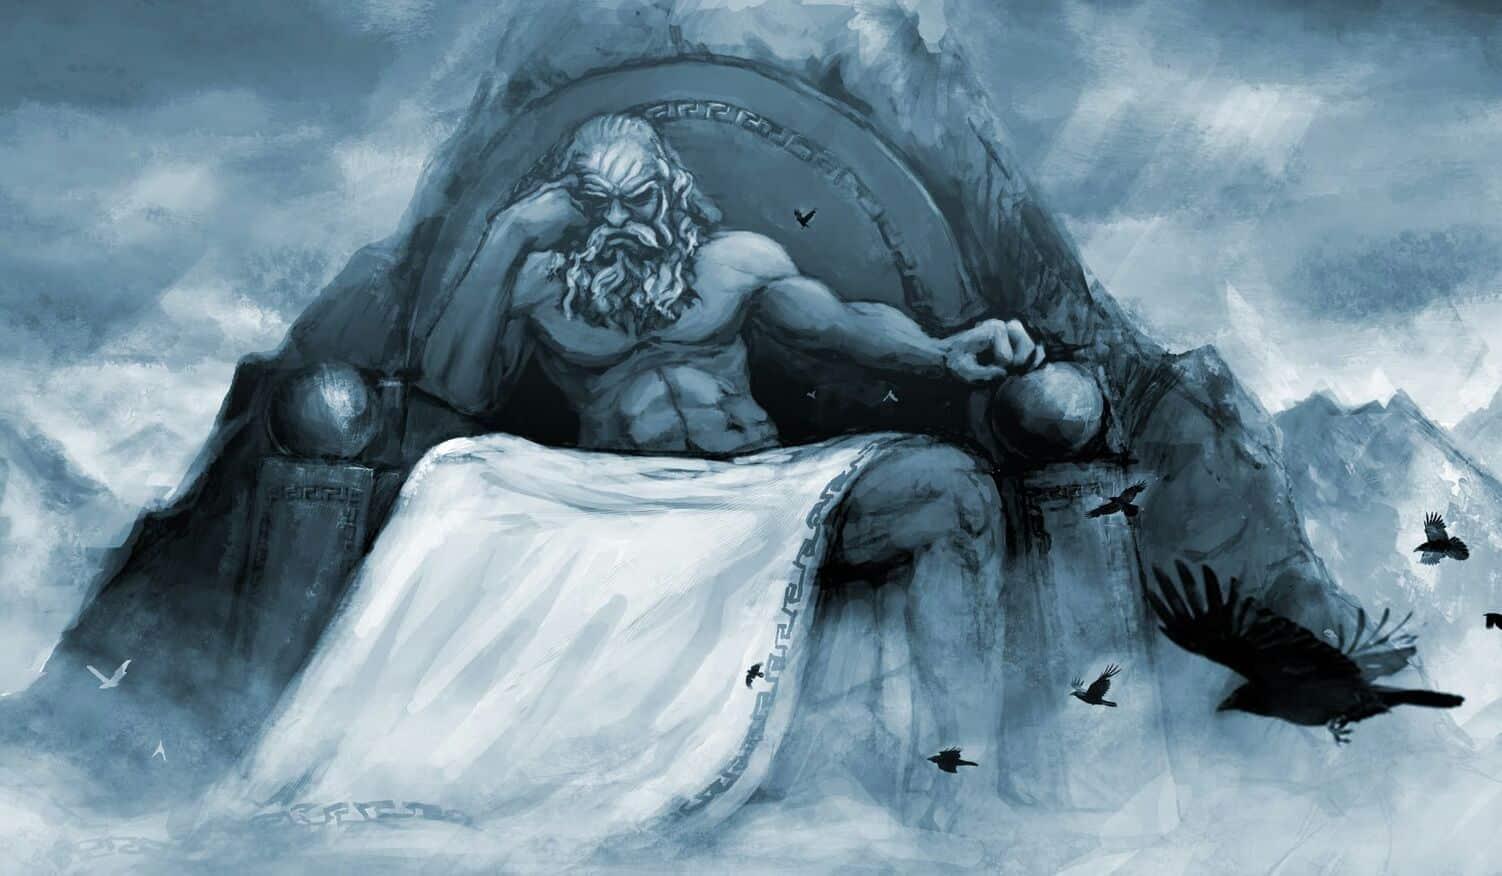 Titanomaquia - O que foi a guerra que aconteceu entre deuses e titãs